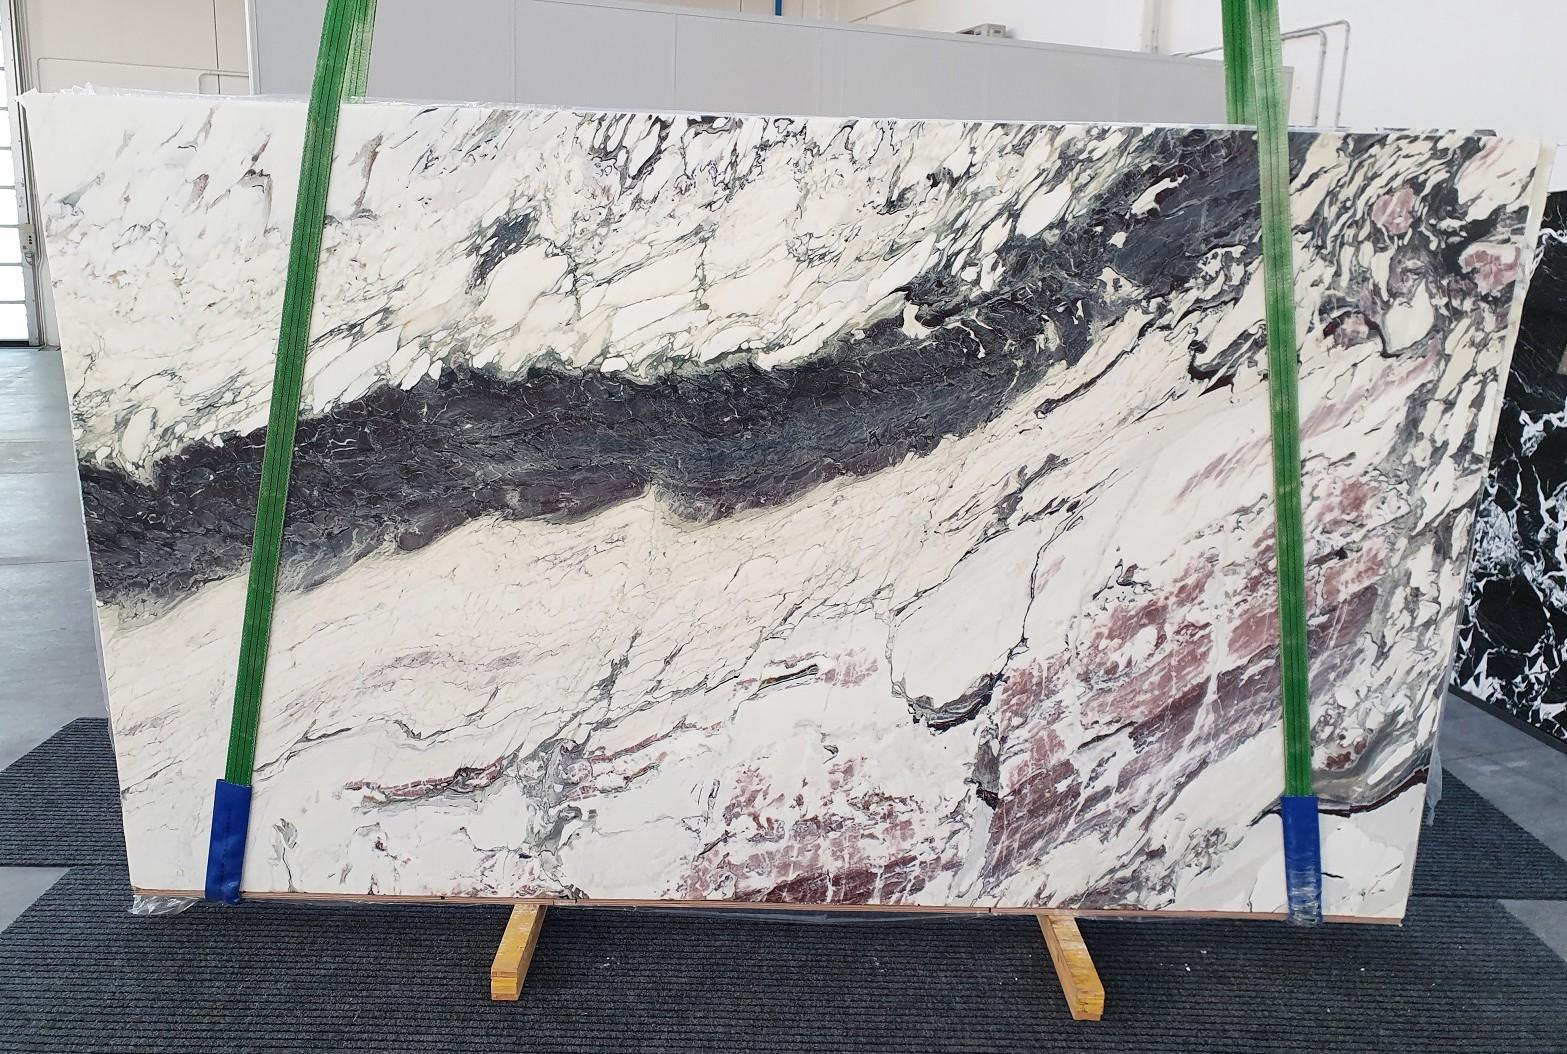 BRECCIA CAPRAIA Fornitura Veneto (Italia) di lastre grezze lucide in marmo naturale 1283 , Slab #70